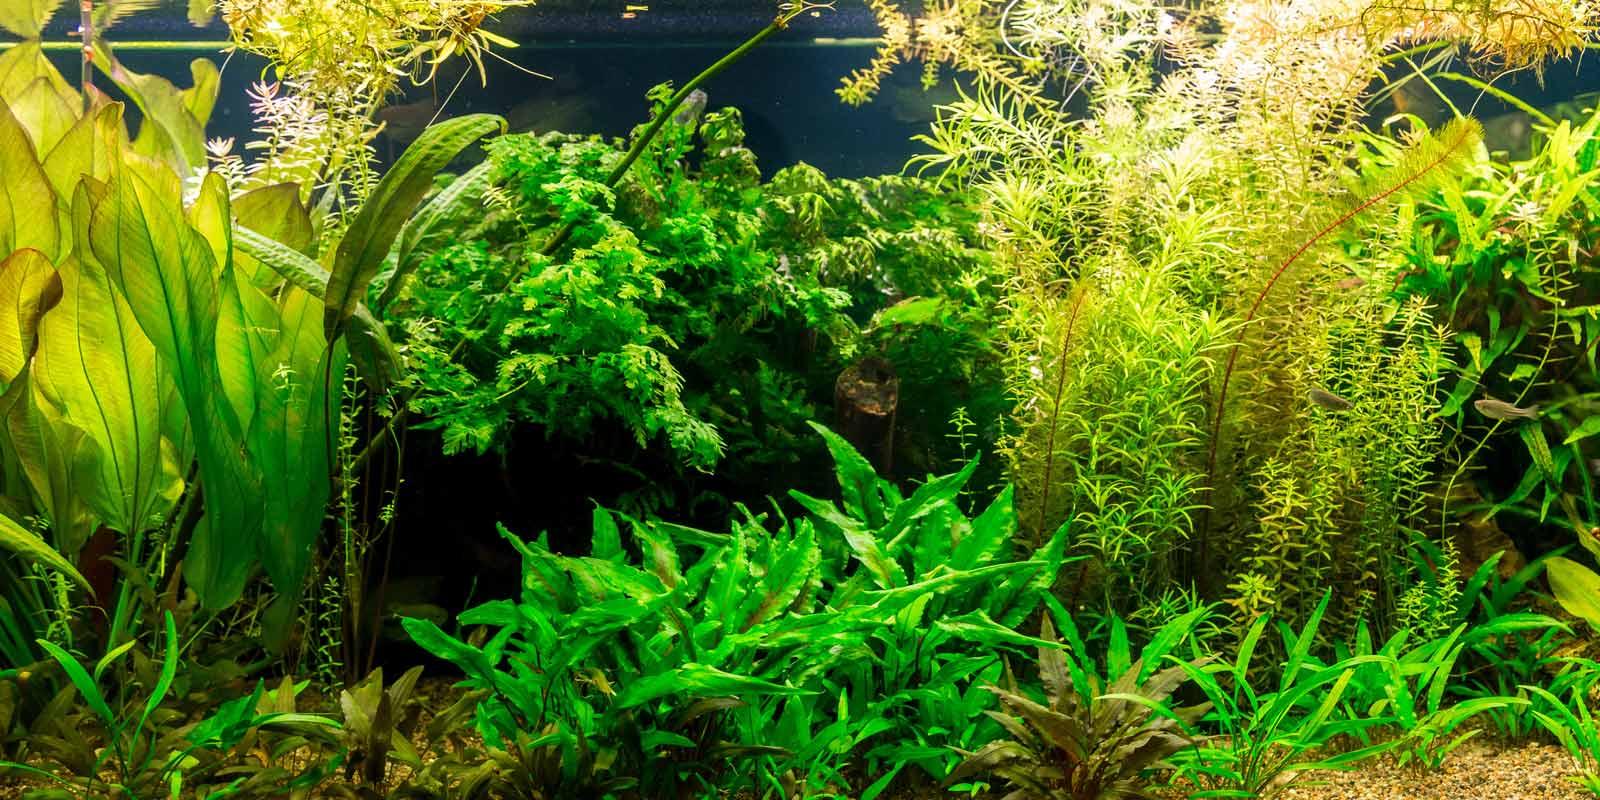 60 L Mit Led-leuchte Ca Sinnvoll Aquarium